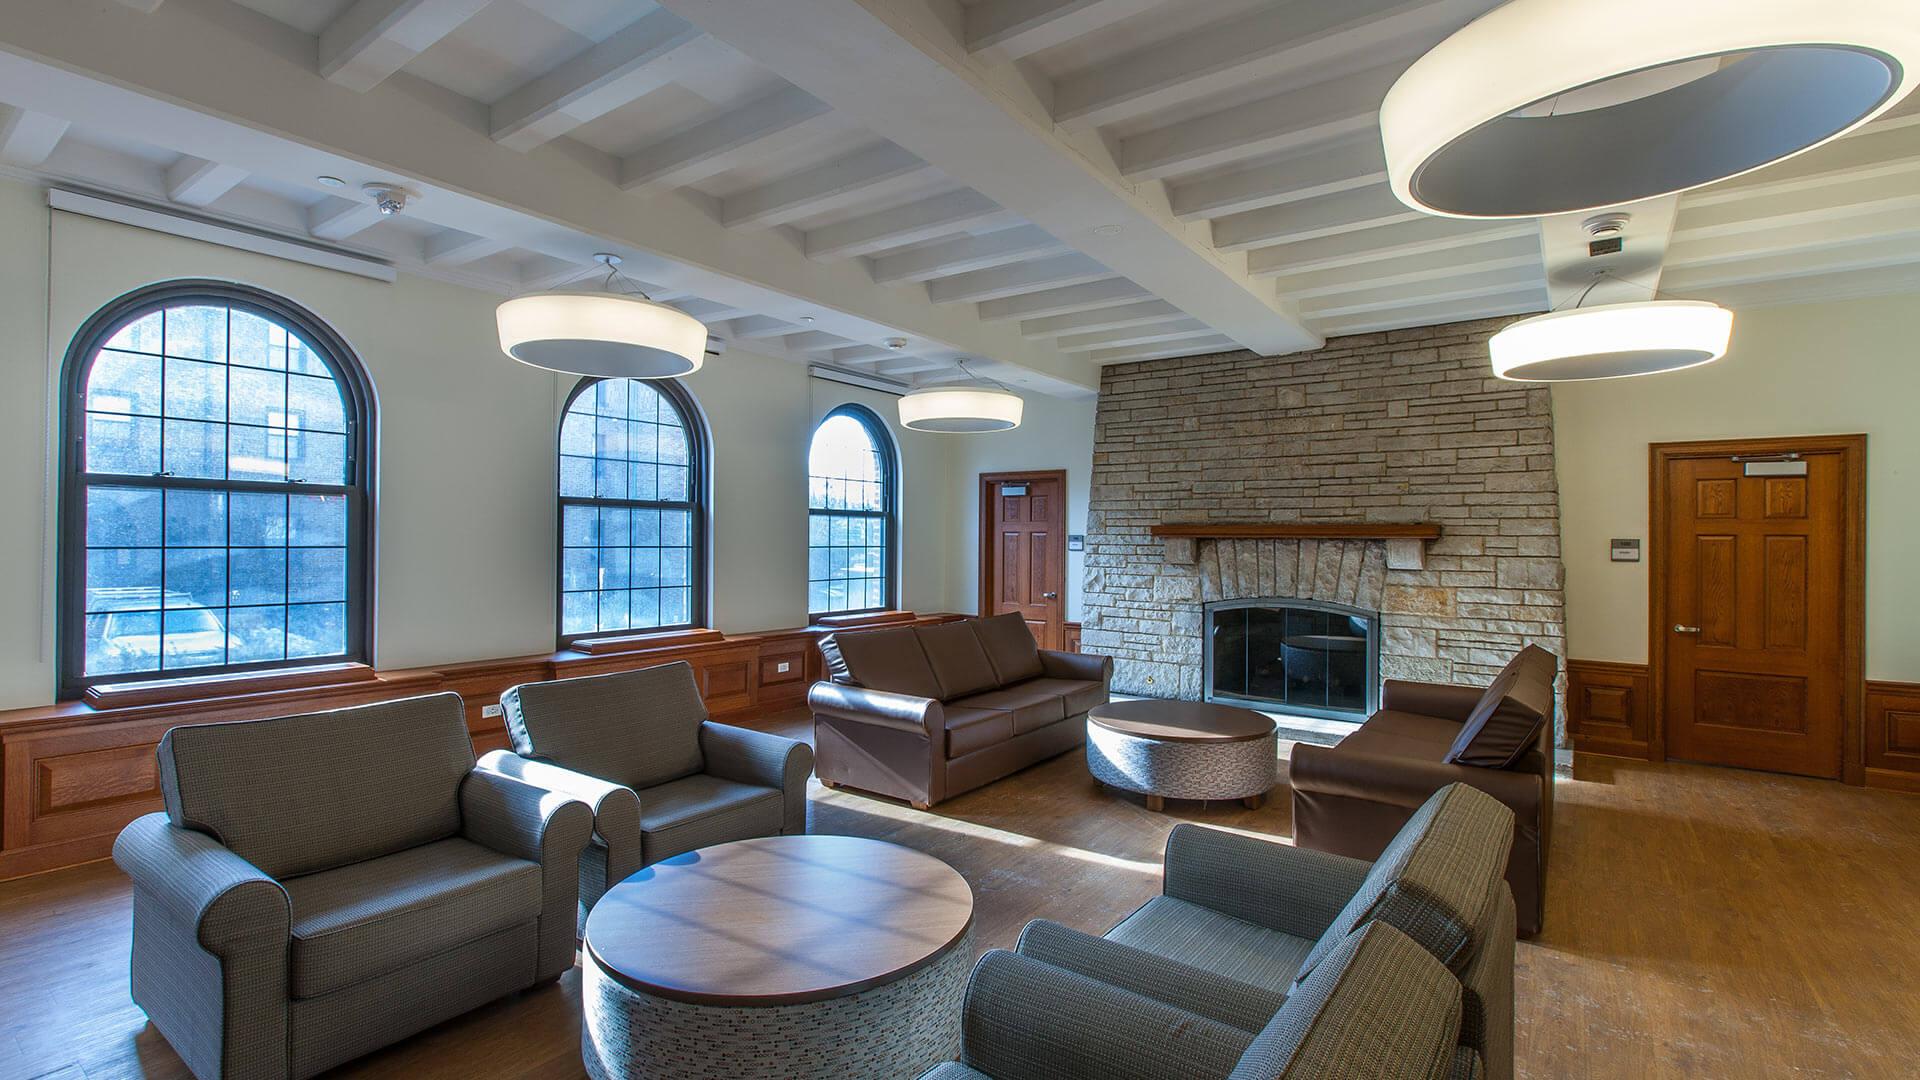 Northwestern University - Goodrich Hall Renovation